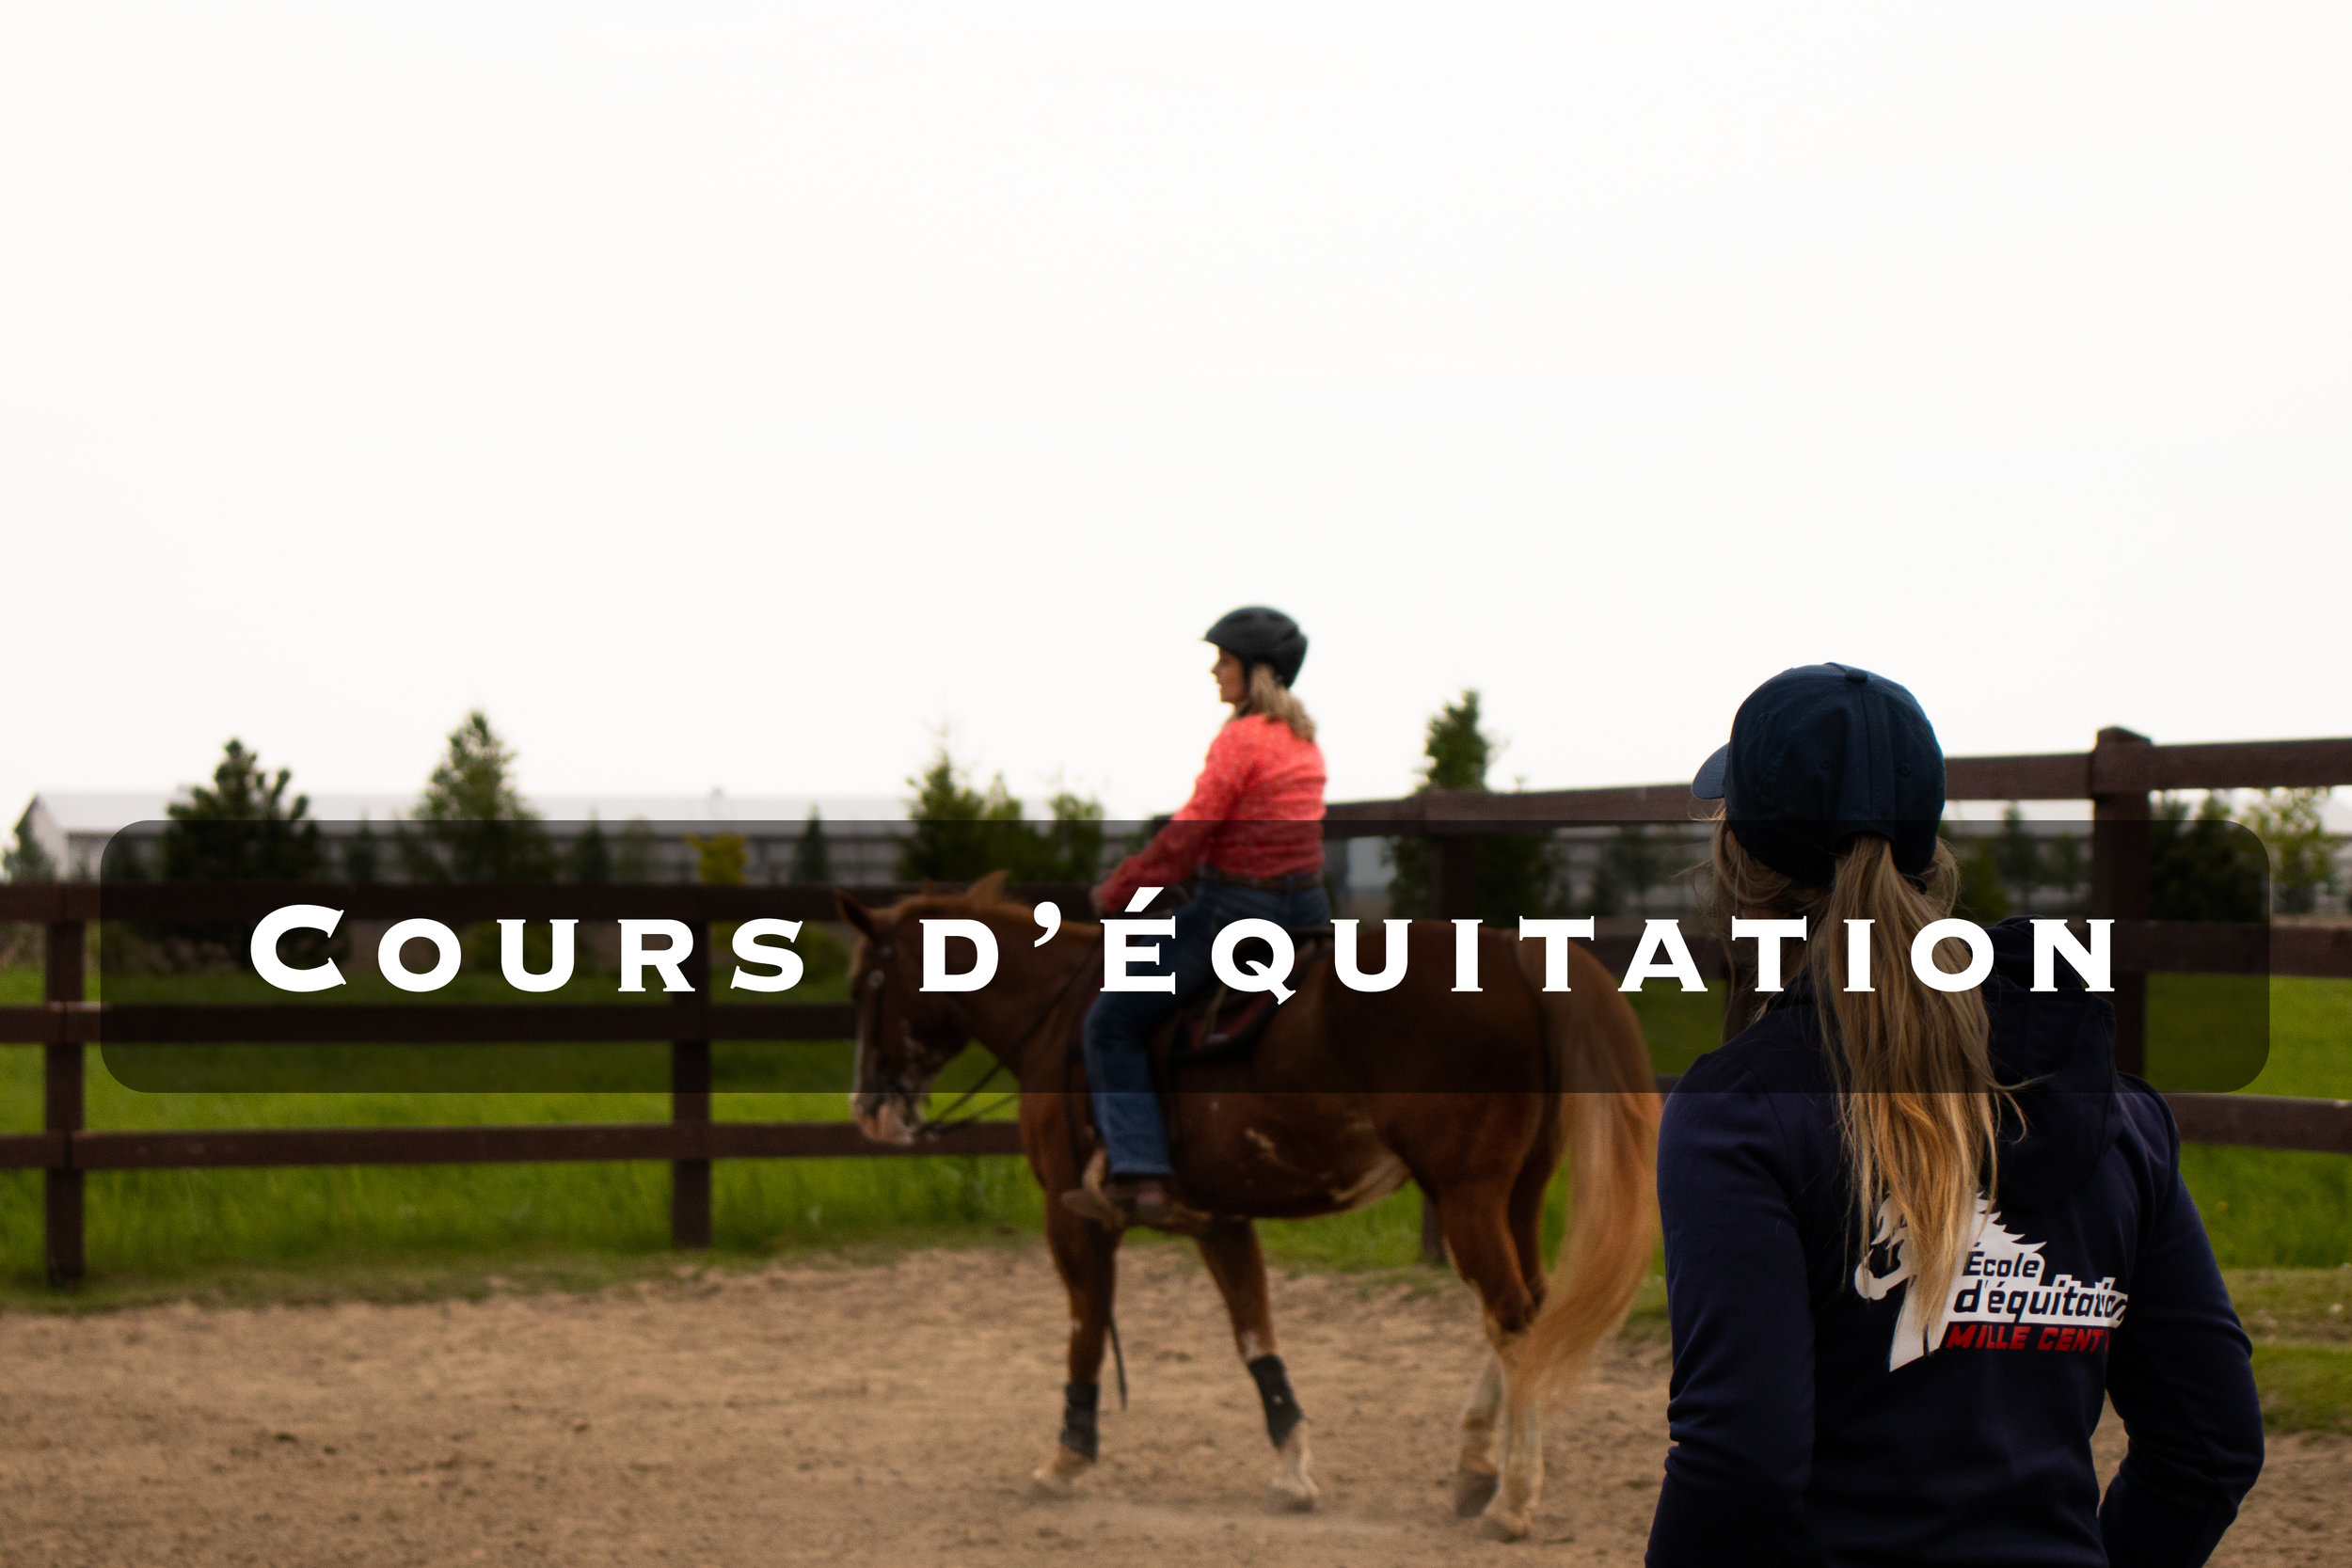 Cours d'équitation.jpg